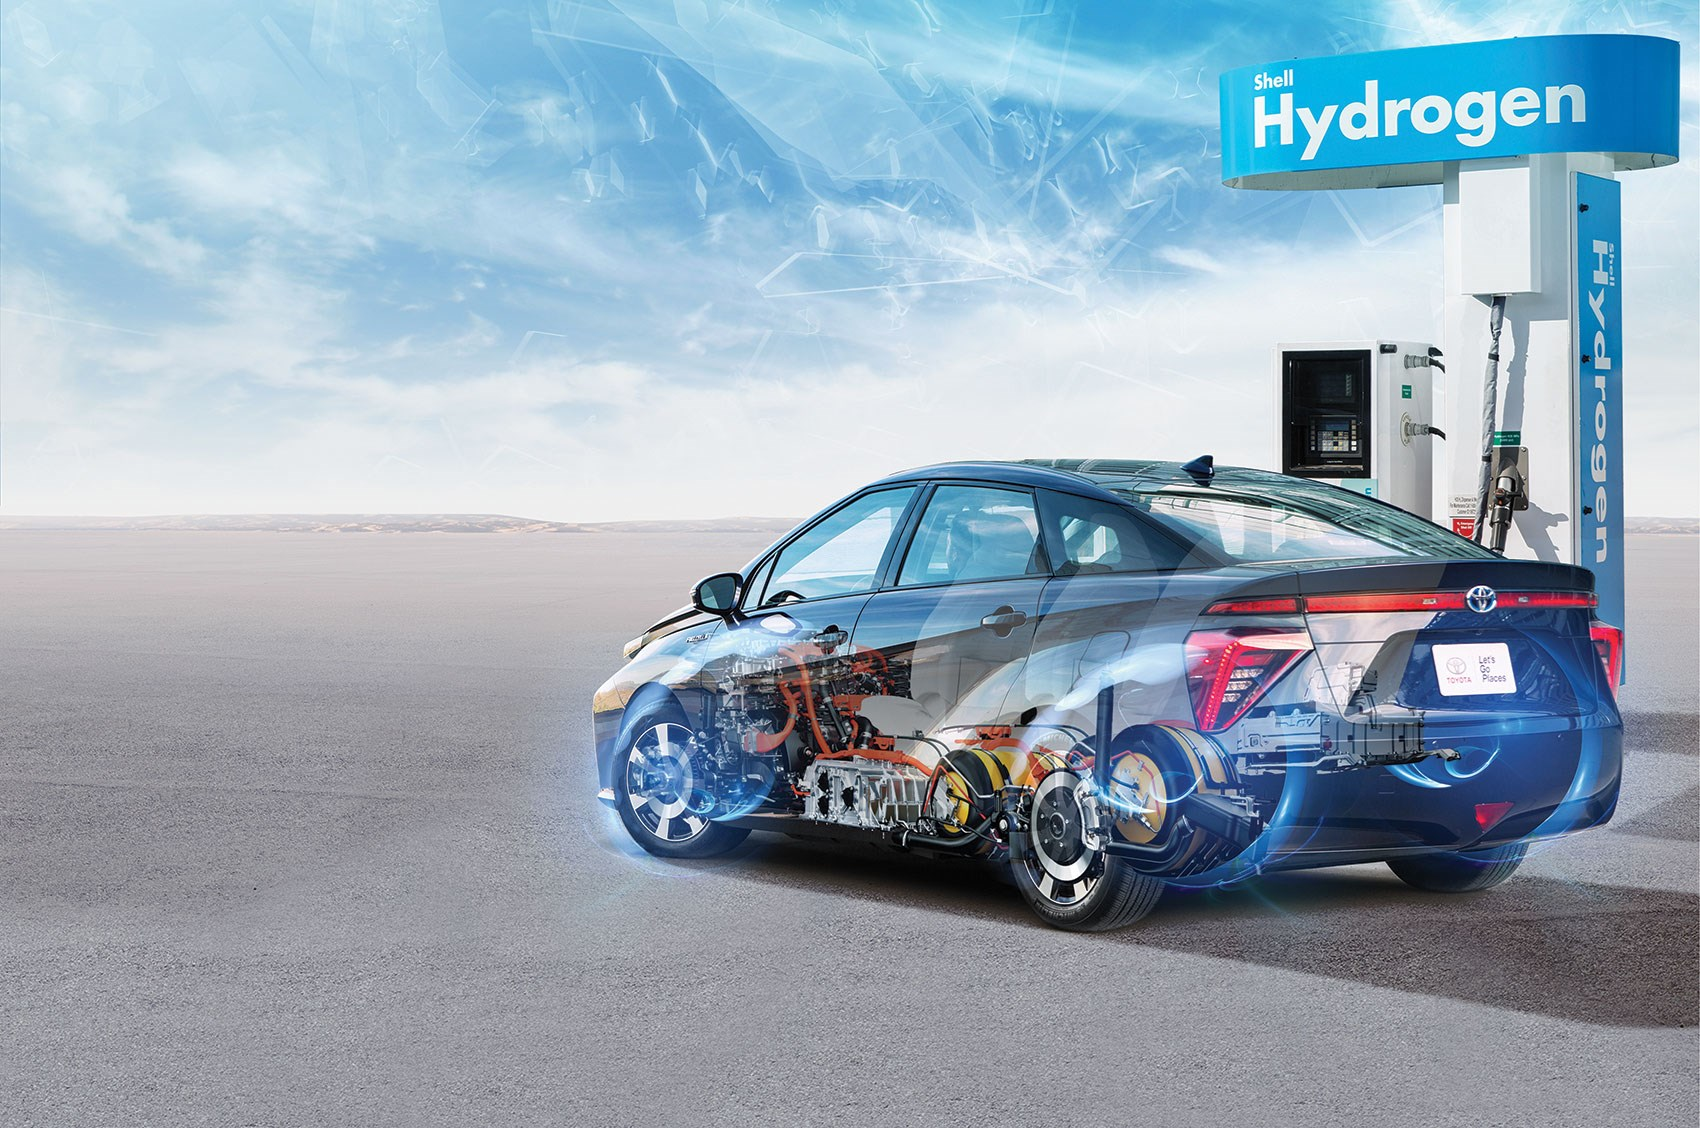 Vodonik kao važna sirovina u automobilskoj industriji današnjice